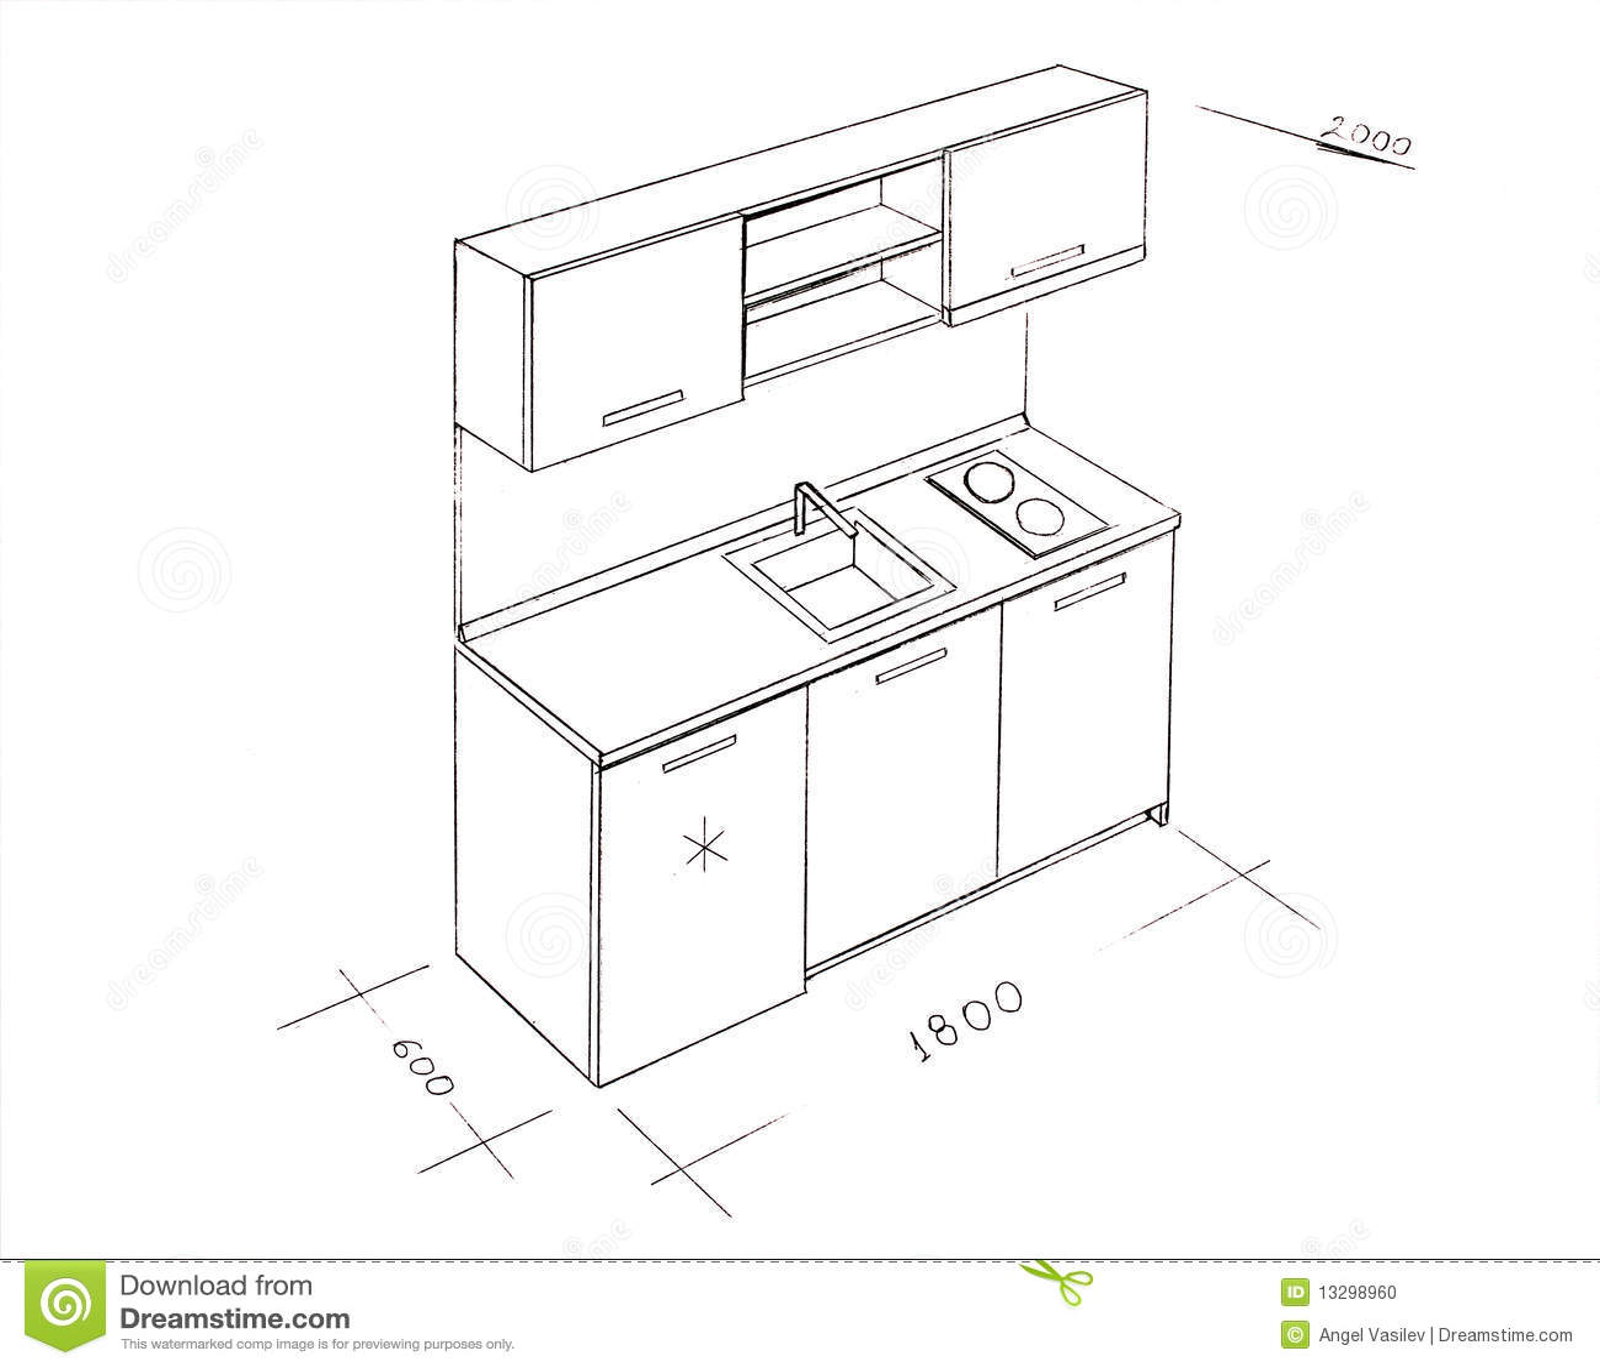 #85A823  Stock: Desenho moderno da carta branca da cozinha do projeto interior 1300x1128 px Projeto Cozinha Branca_4110 Imagens